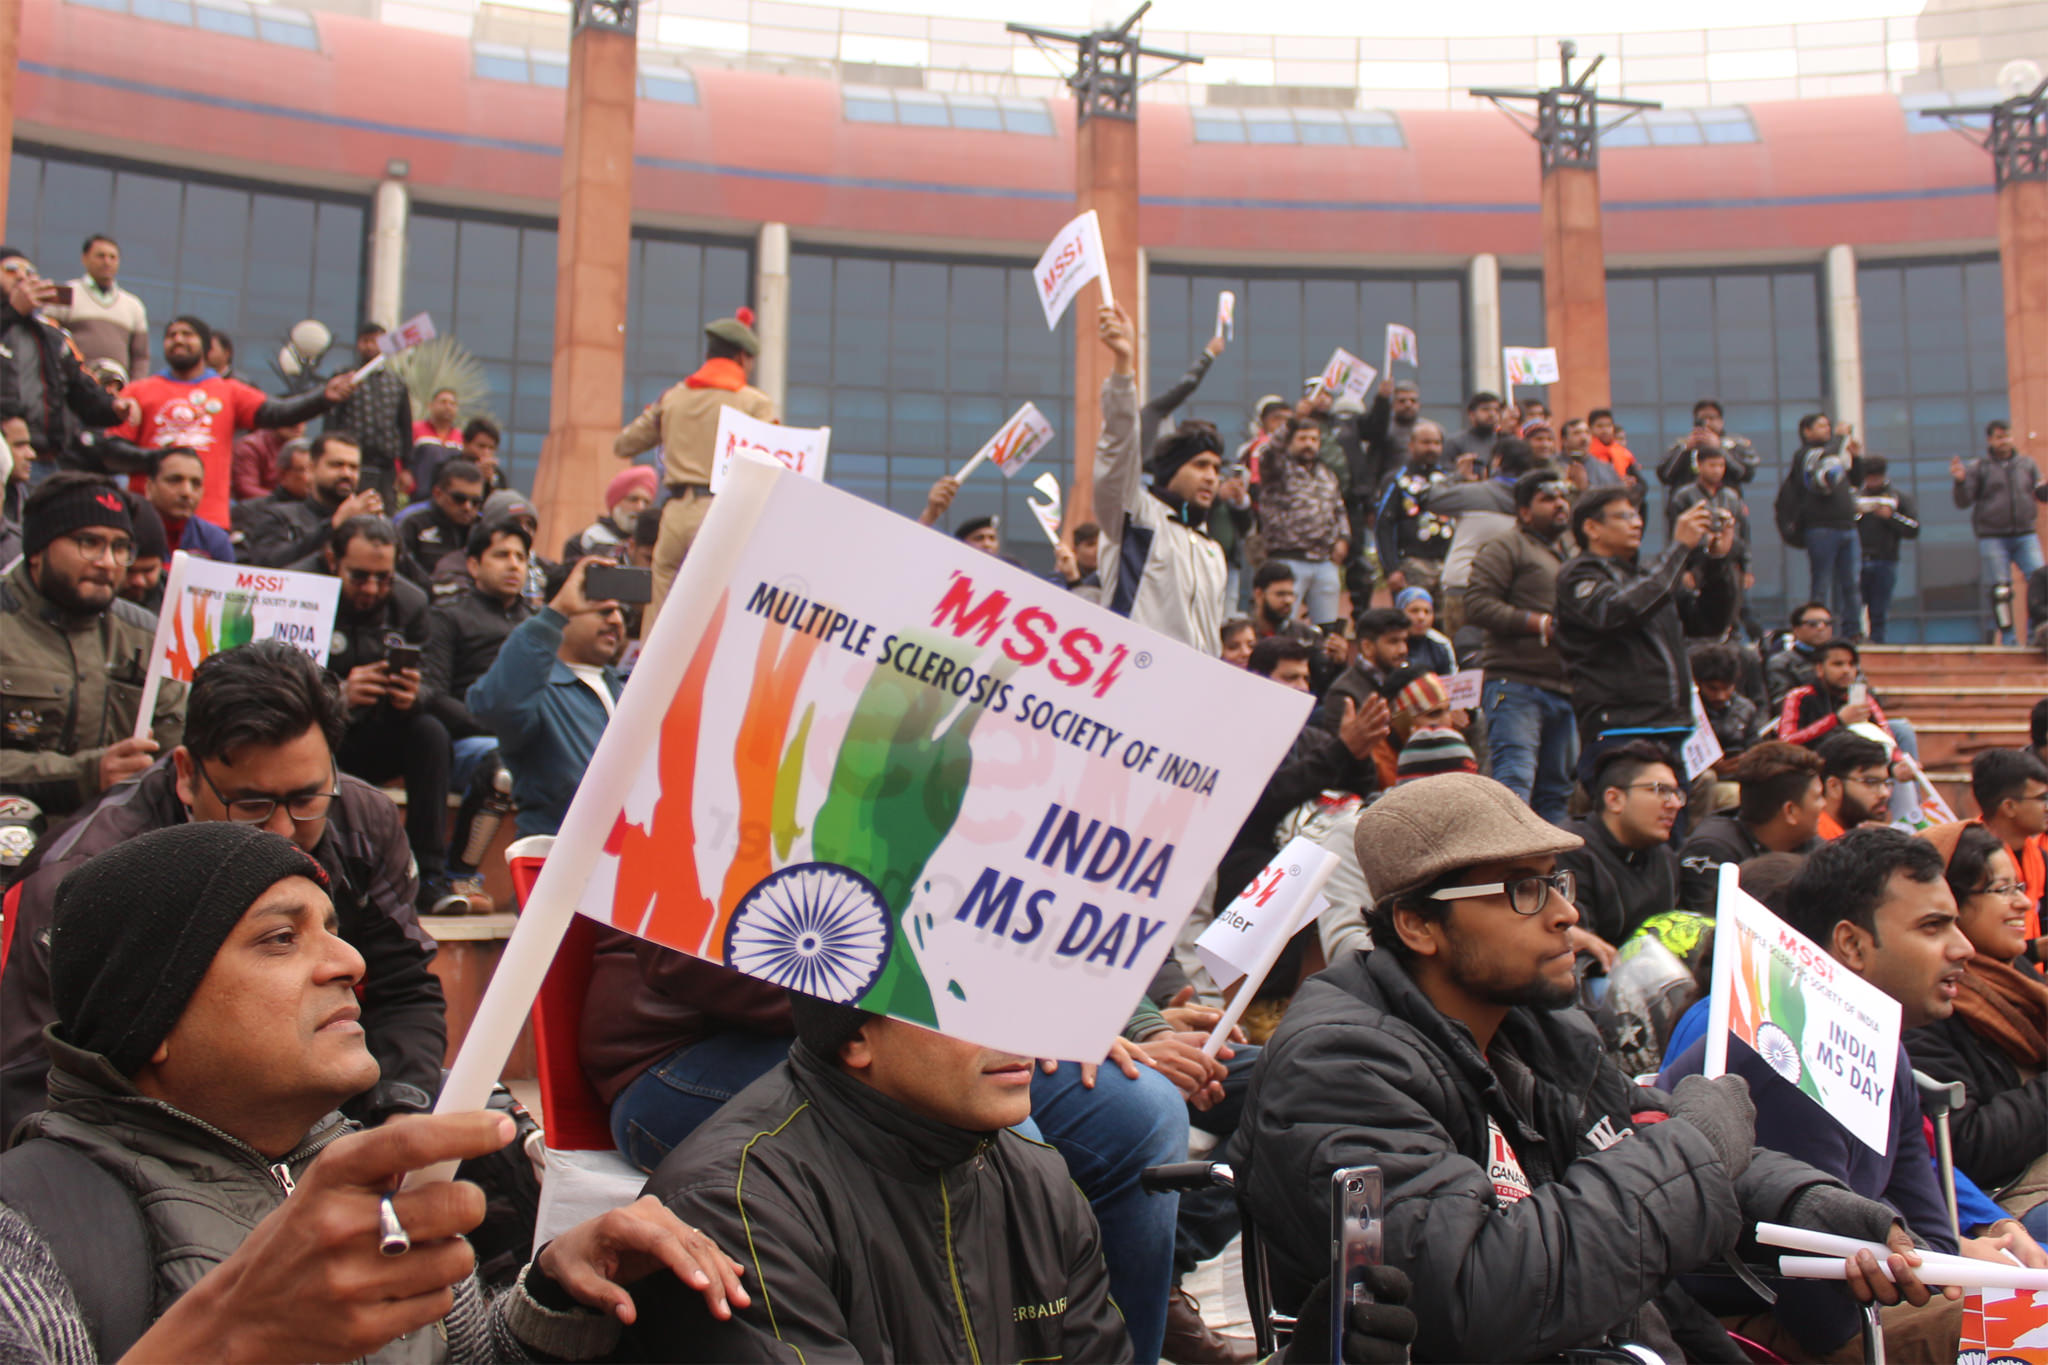 India MS Day 2019 – Delhi